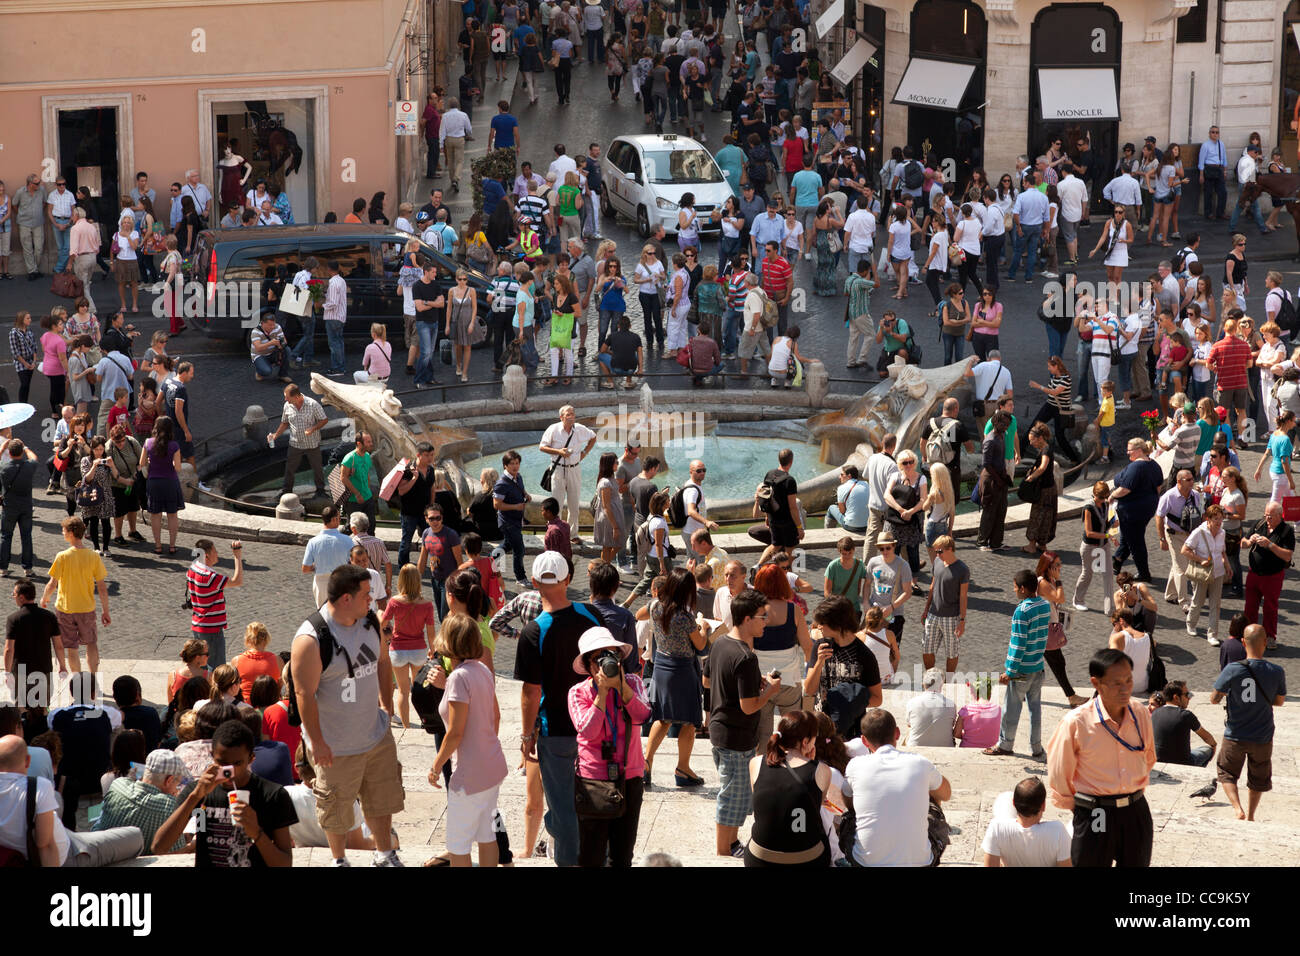 Massen von Touristen an der spanischen Treppe in Rom Stockbild